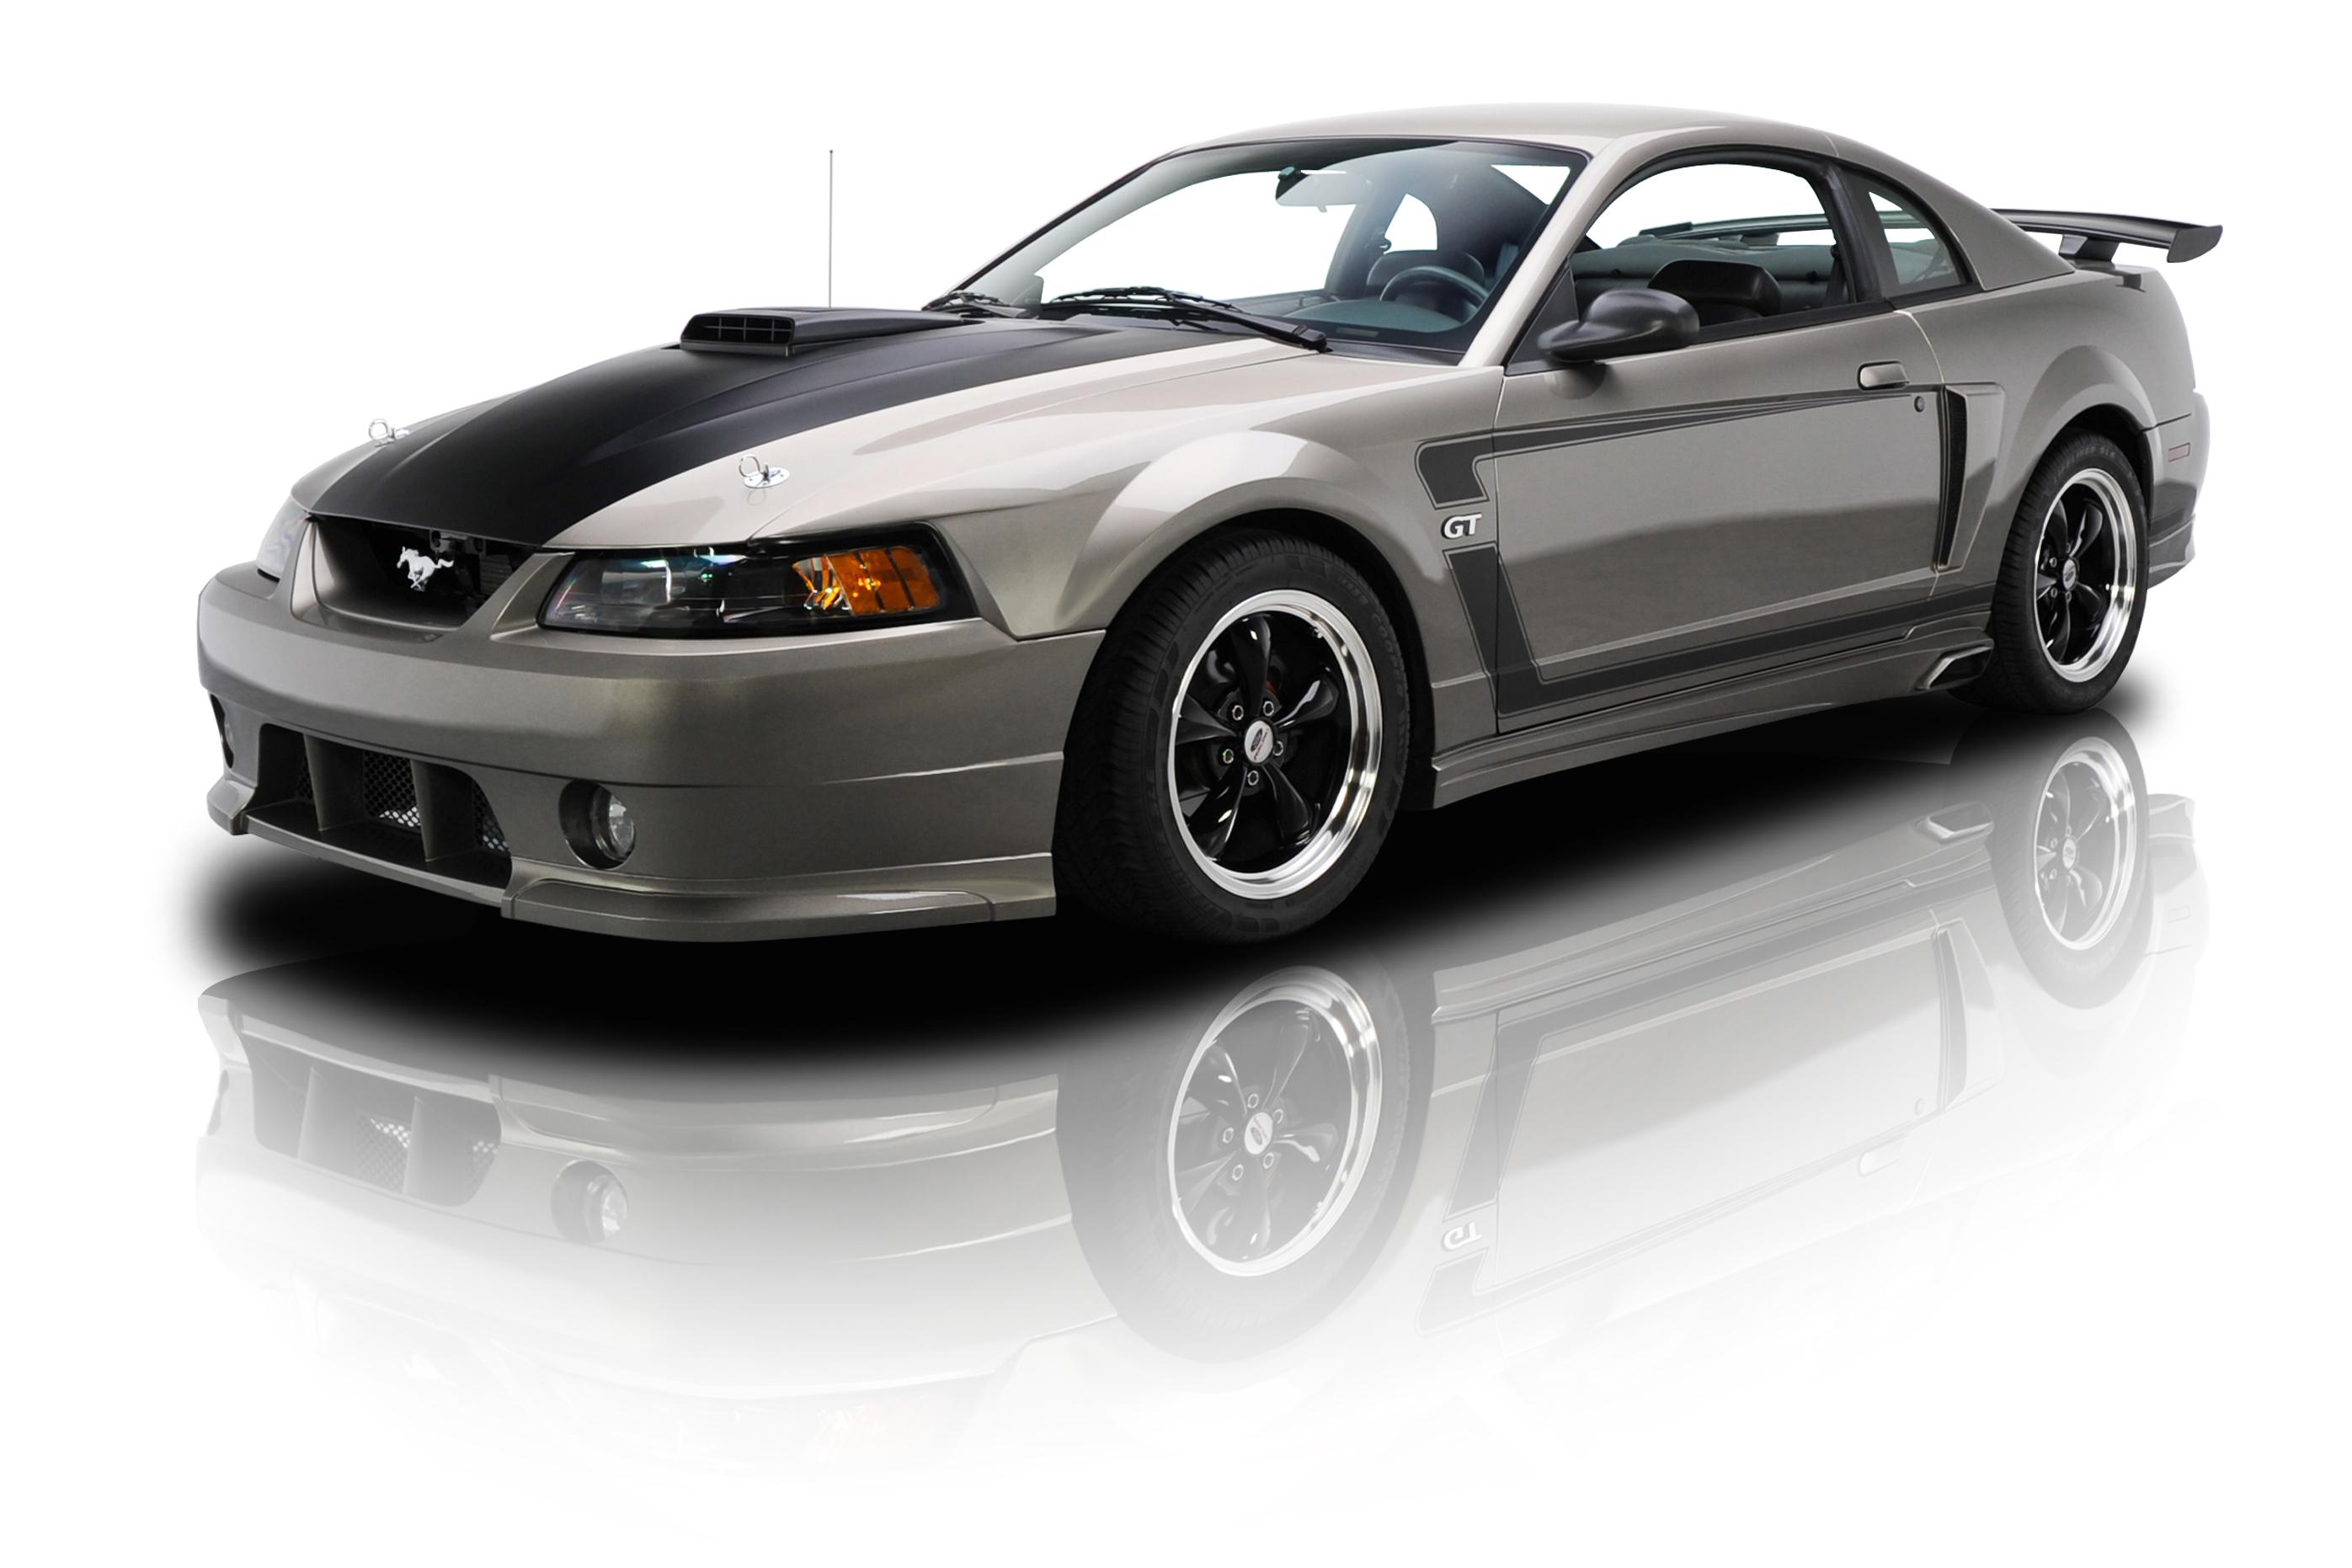 133276 2002 Ford Mustang Rk Motors